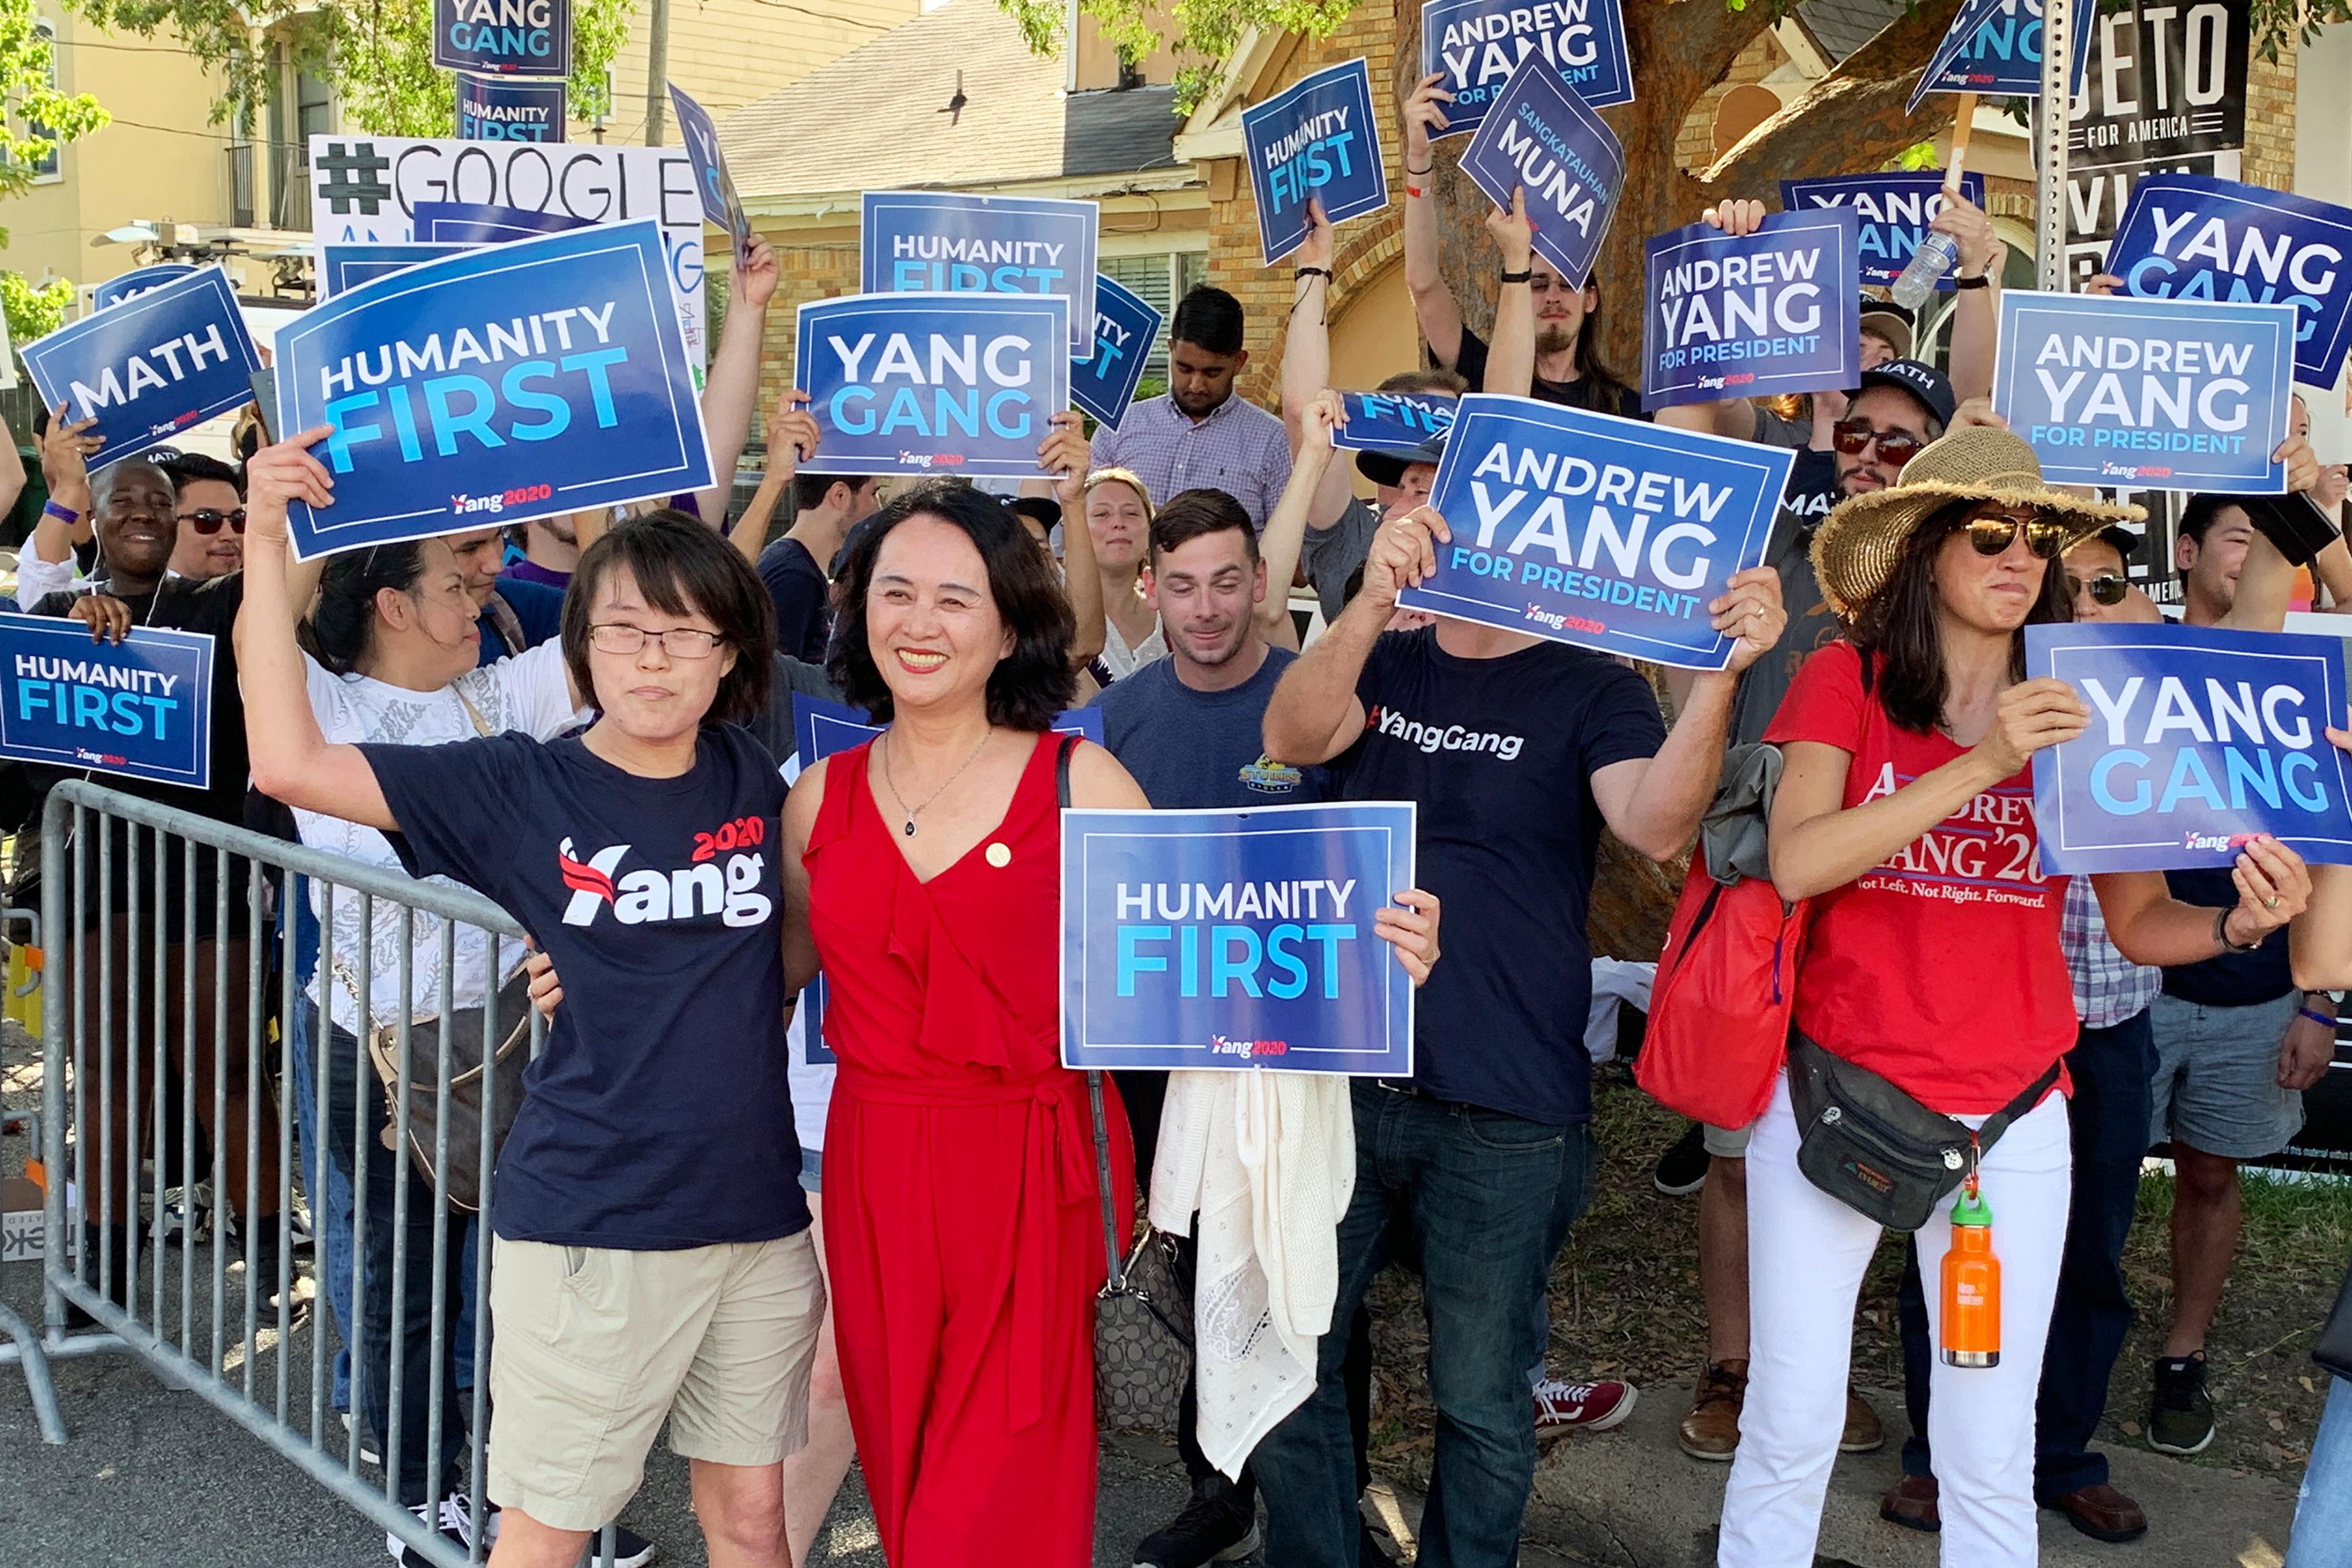 在民主黨參選總統辯論會現場的「德州楊幫」粉絲支持者們。(羅玲提供)